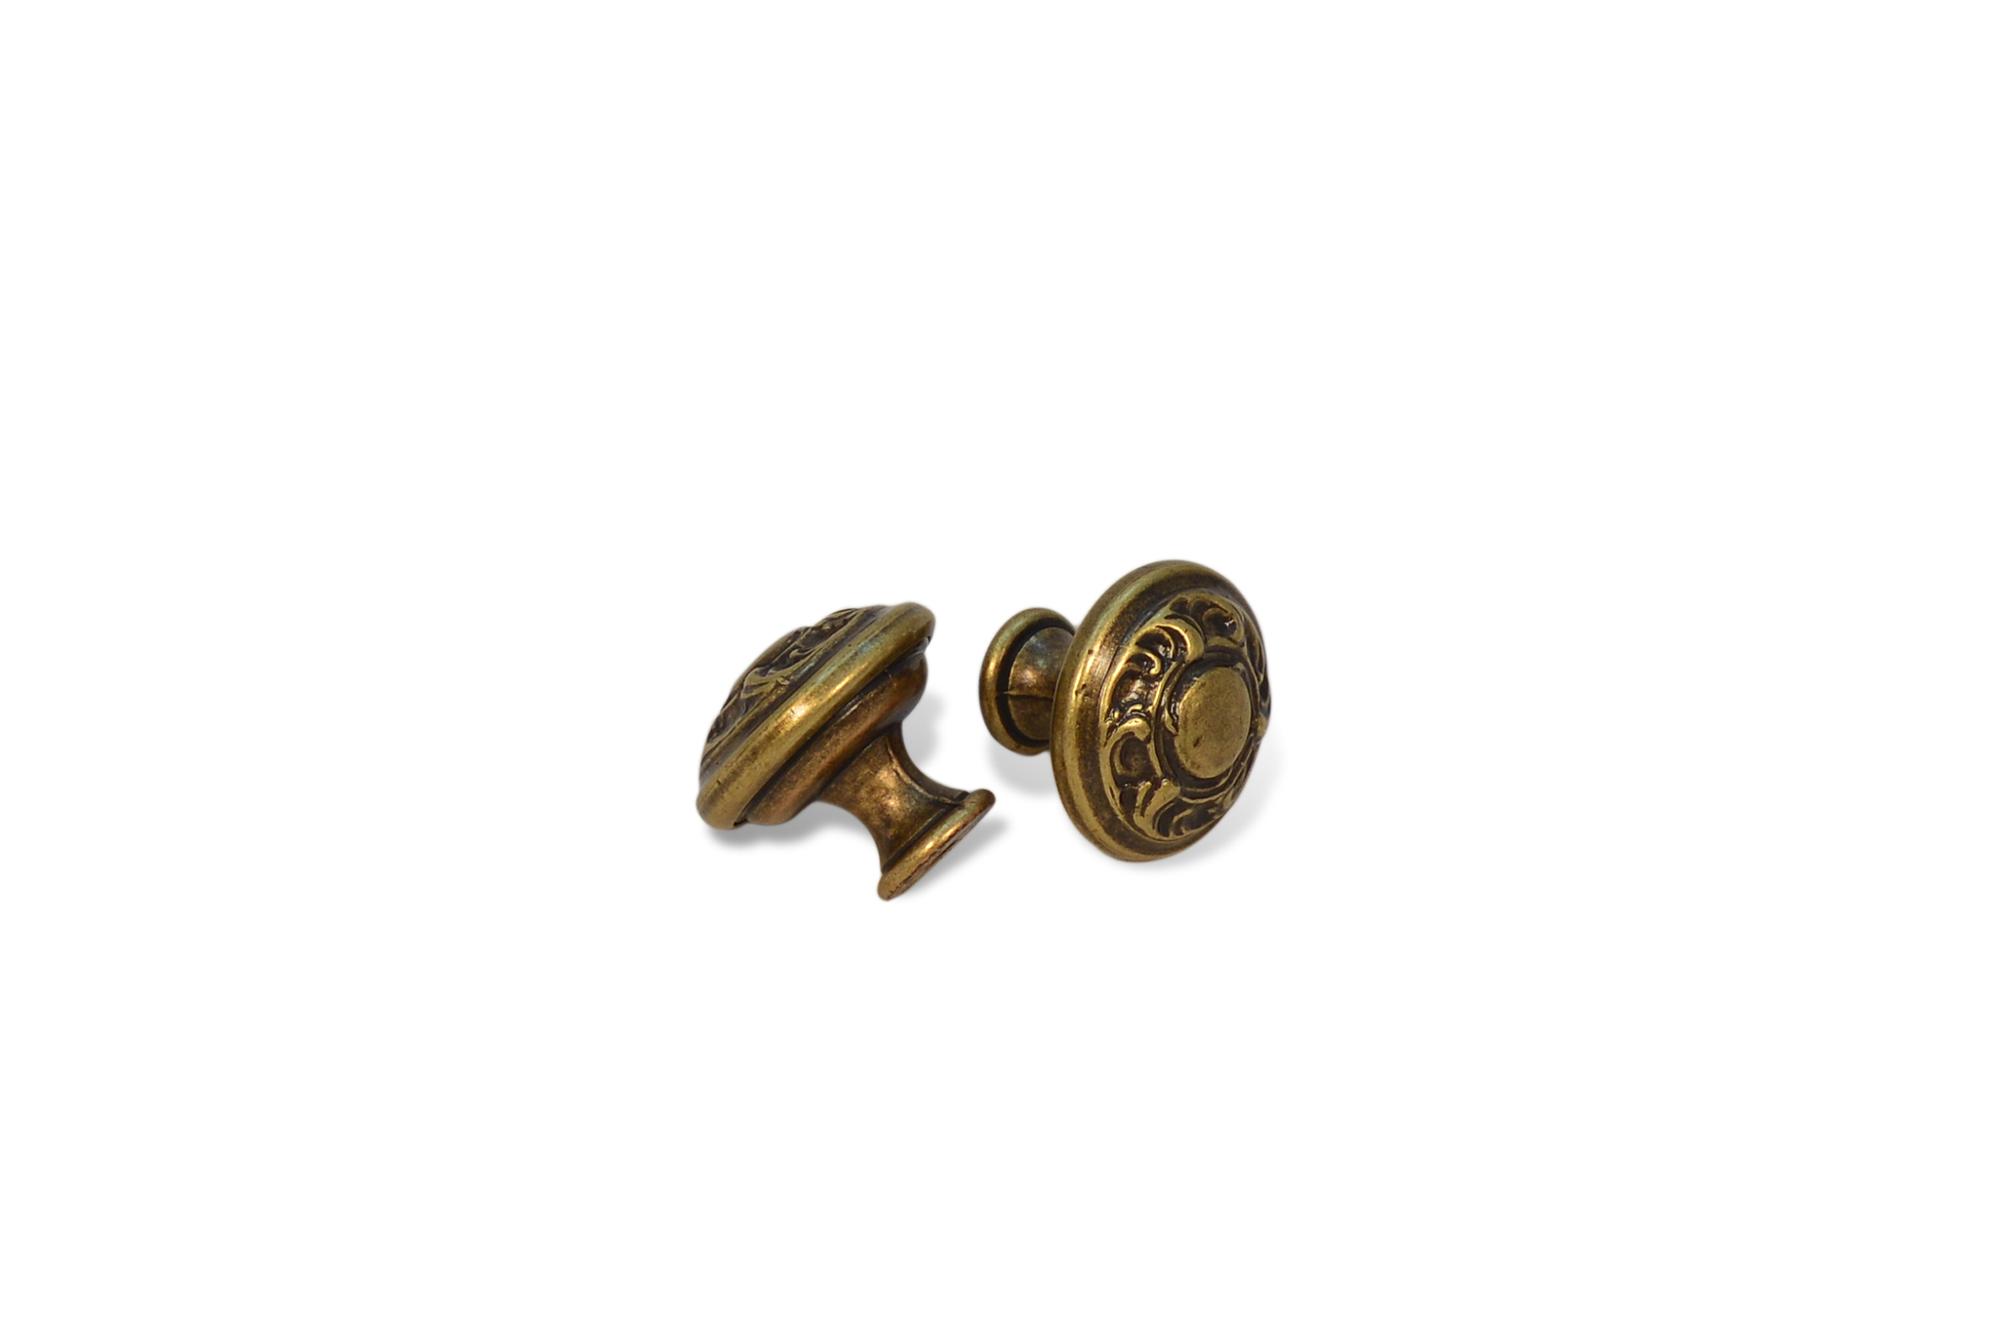 Küchengriffe Messing ~ 2x möbelknöpfe schrankgriffe küchengriffe griff knopf messing antik lackiert neu ebay